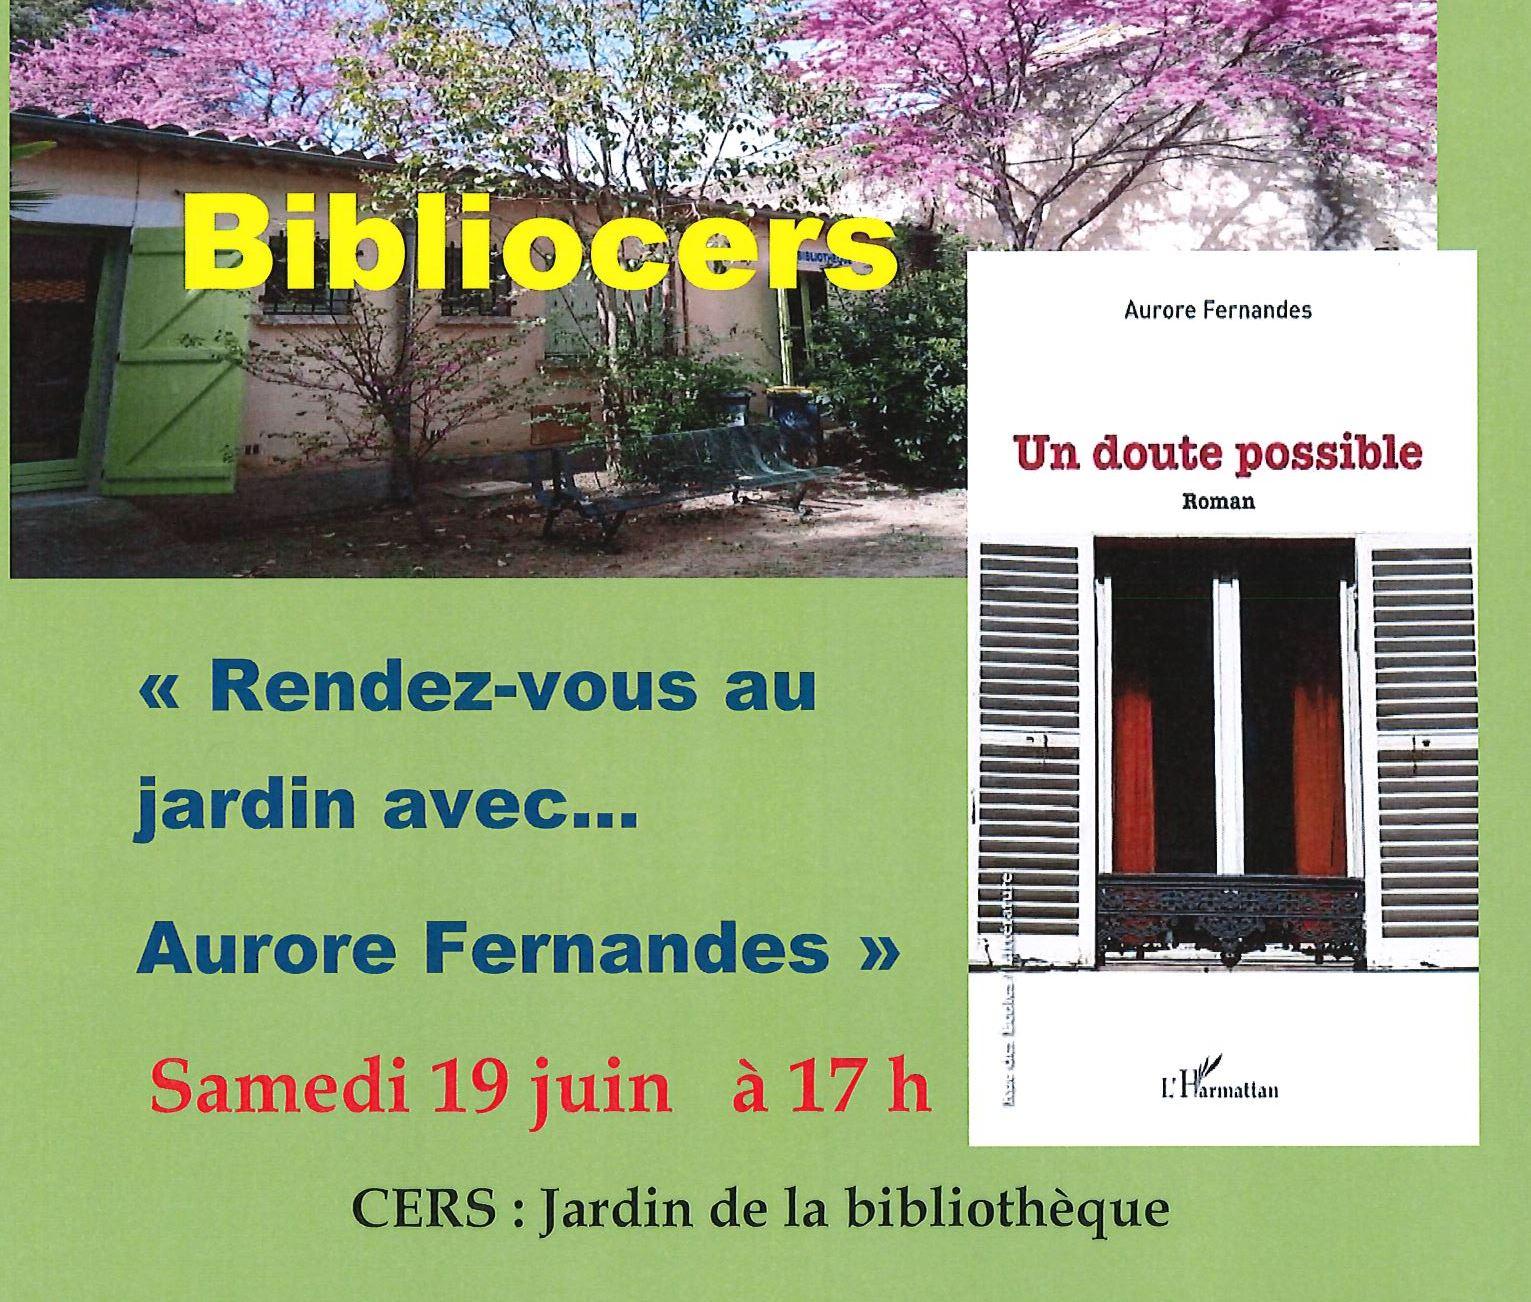 Bibliocers : Rendez-vous au jardin le 19 juin